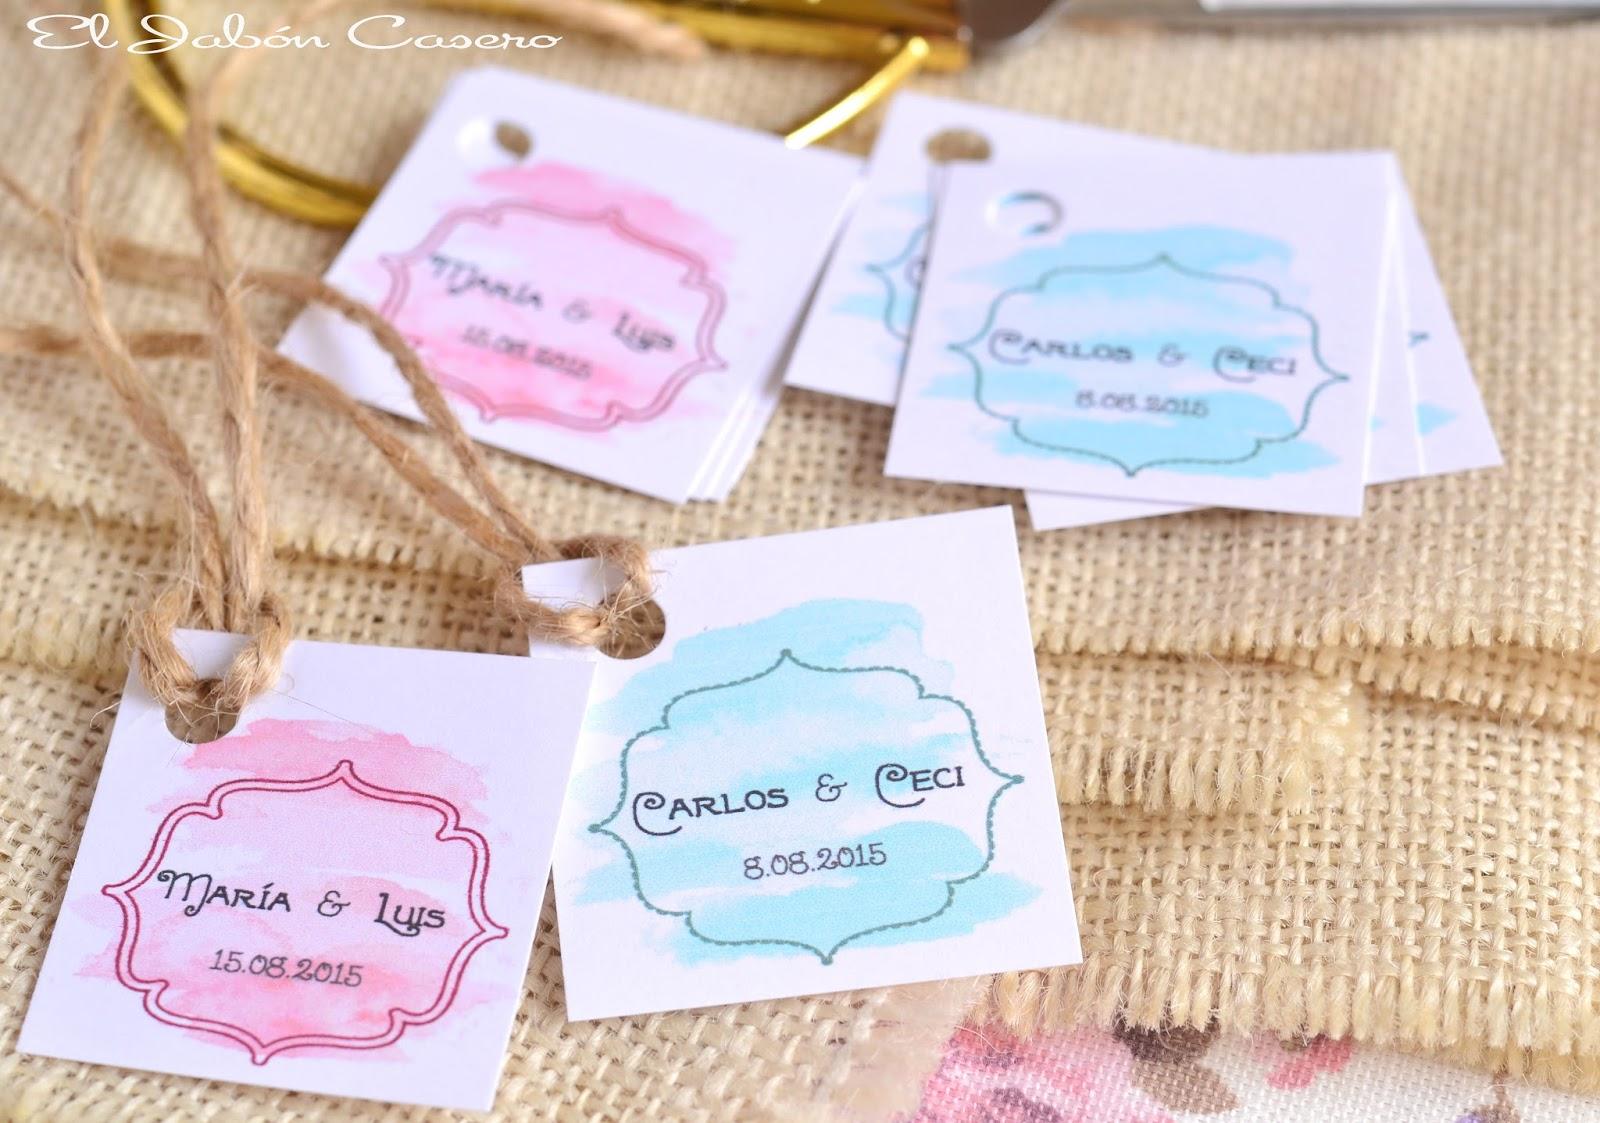 El jab n casero etiquetas personalizadas acuarela para bodas - Etiquetas para velas ...